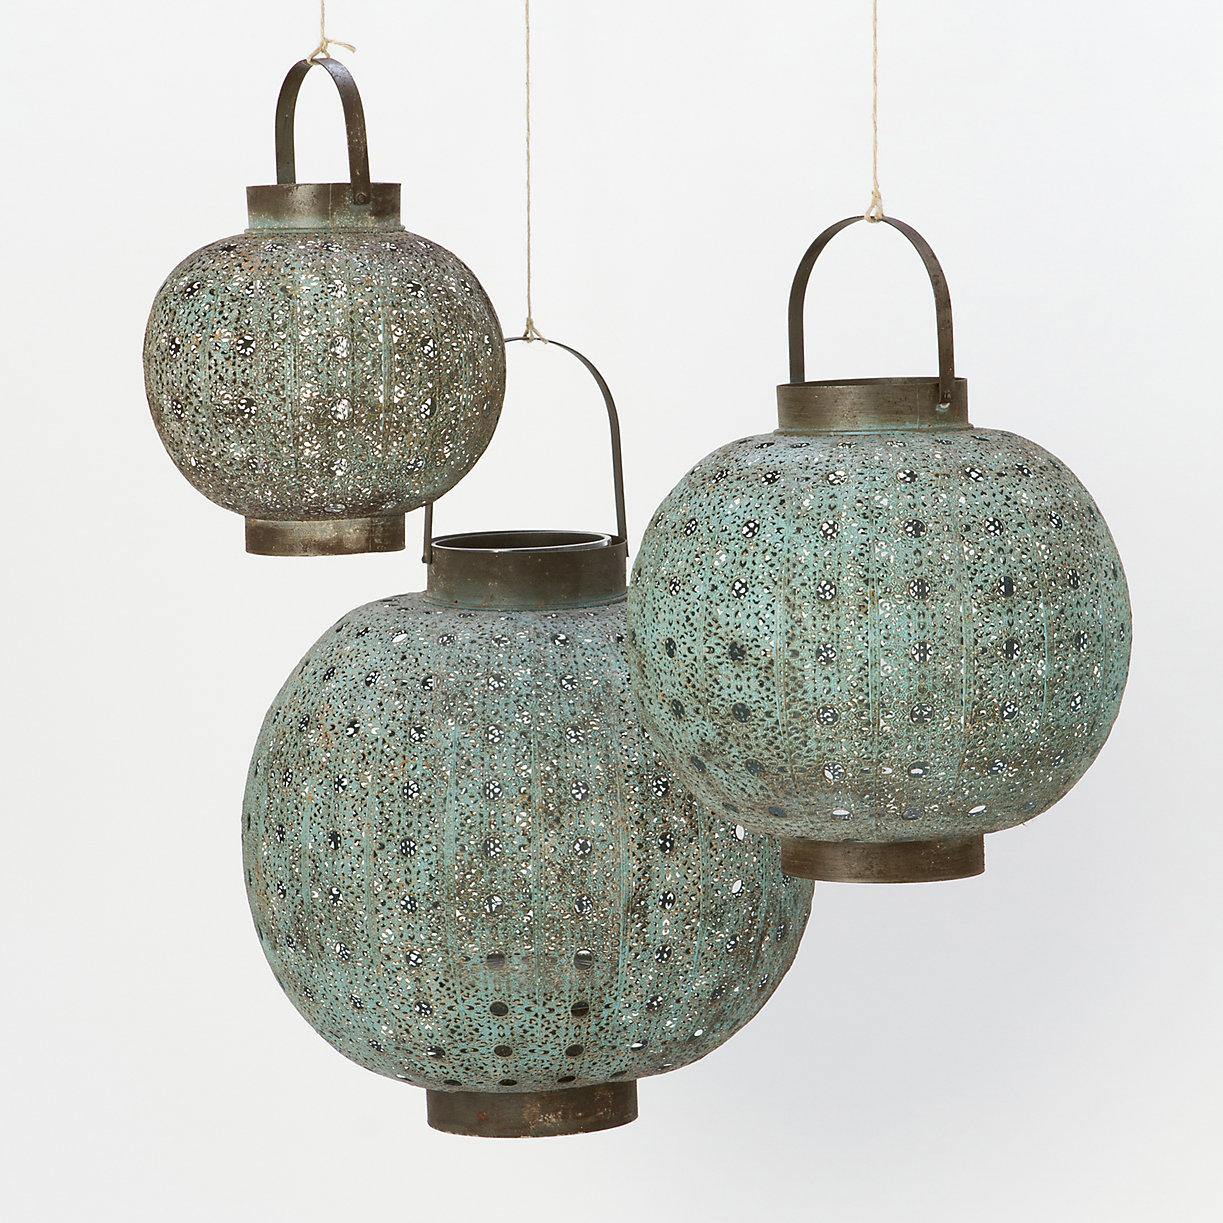 Terrain Verdigris Filigree Lanterns